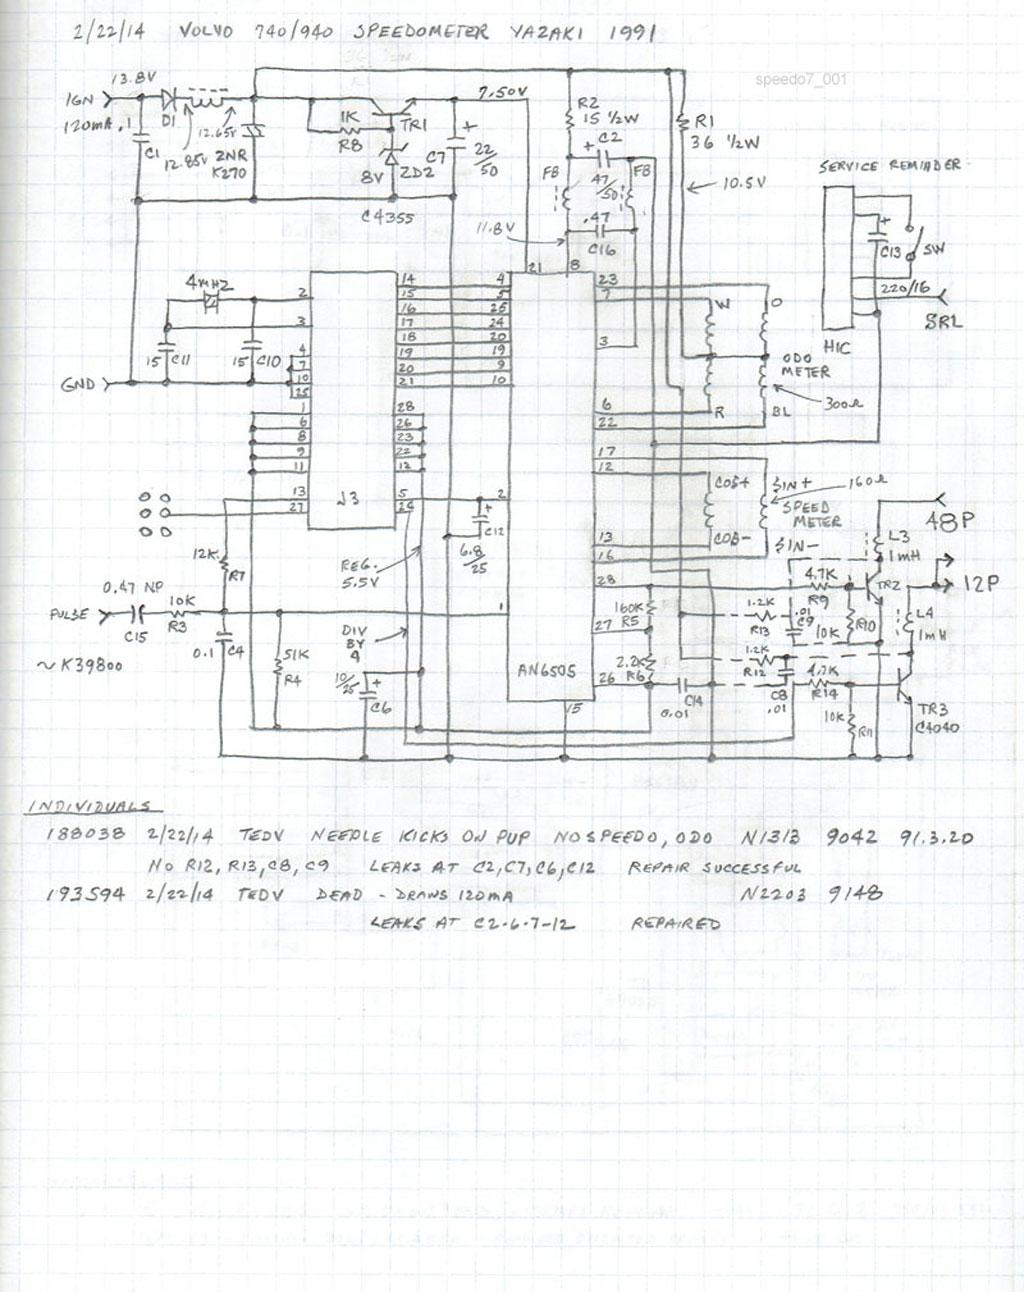 1993 volvo 940 wiring diagram tekonsha voyager notes on 740 speedometers 1991 speedometer